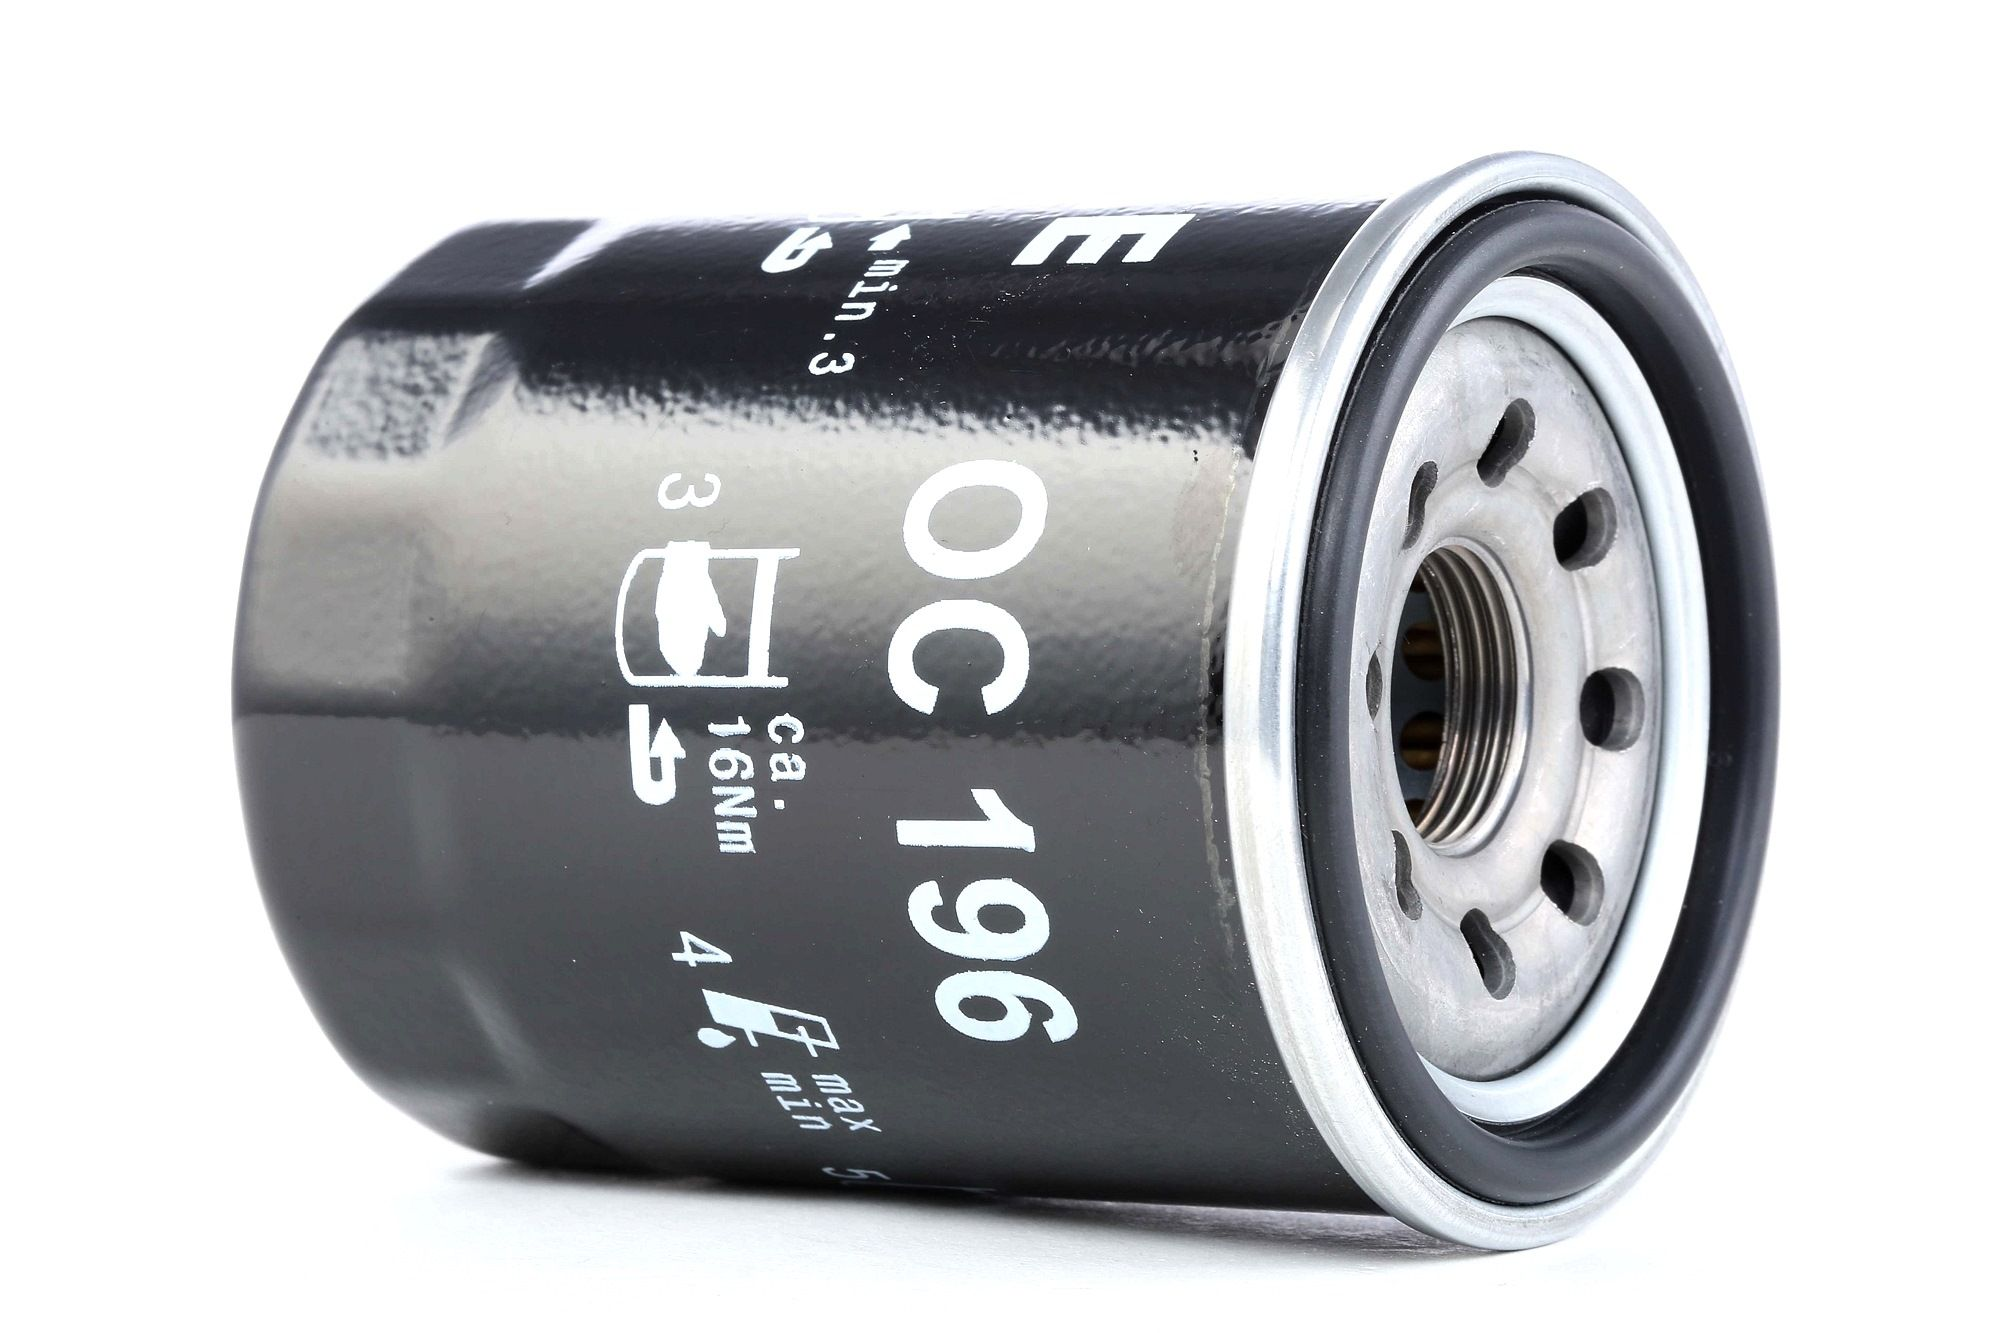 MAZDA 818 Ersatzteile: Ölfilter OC 196 > Niedrige Preise - Jetzt kaufen!